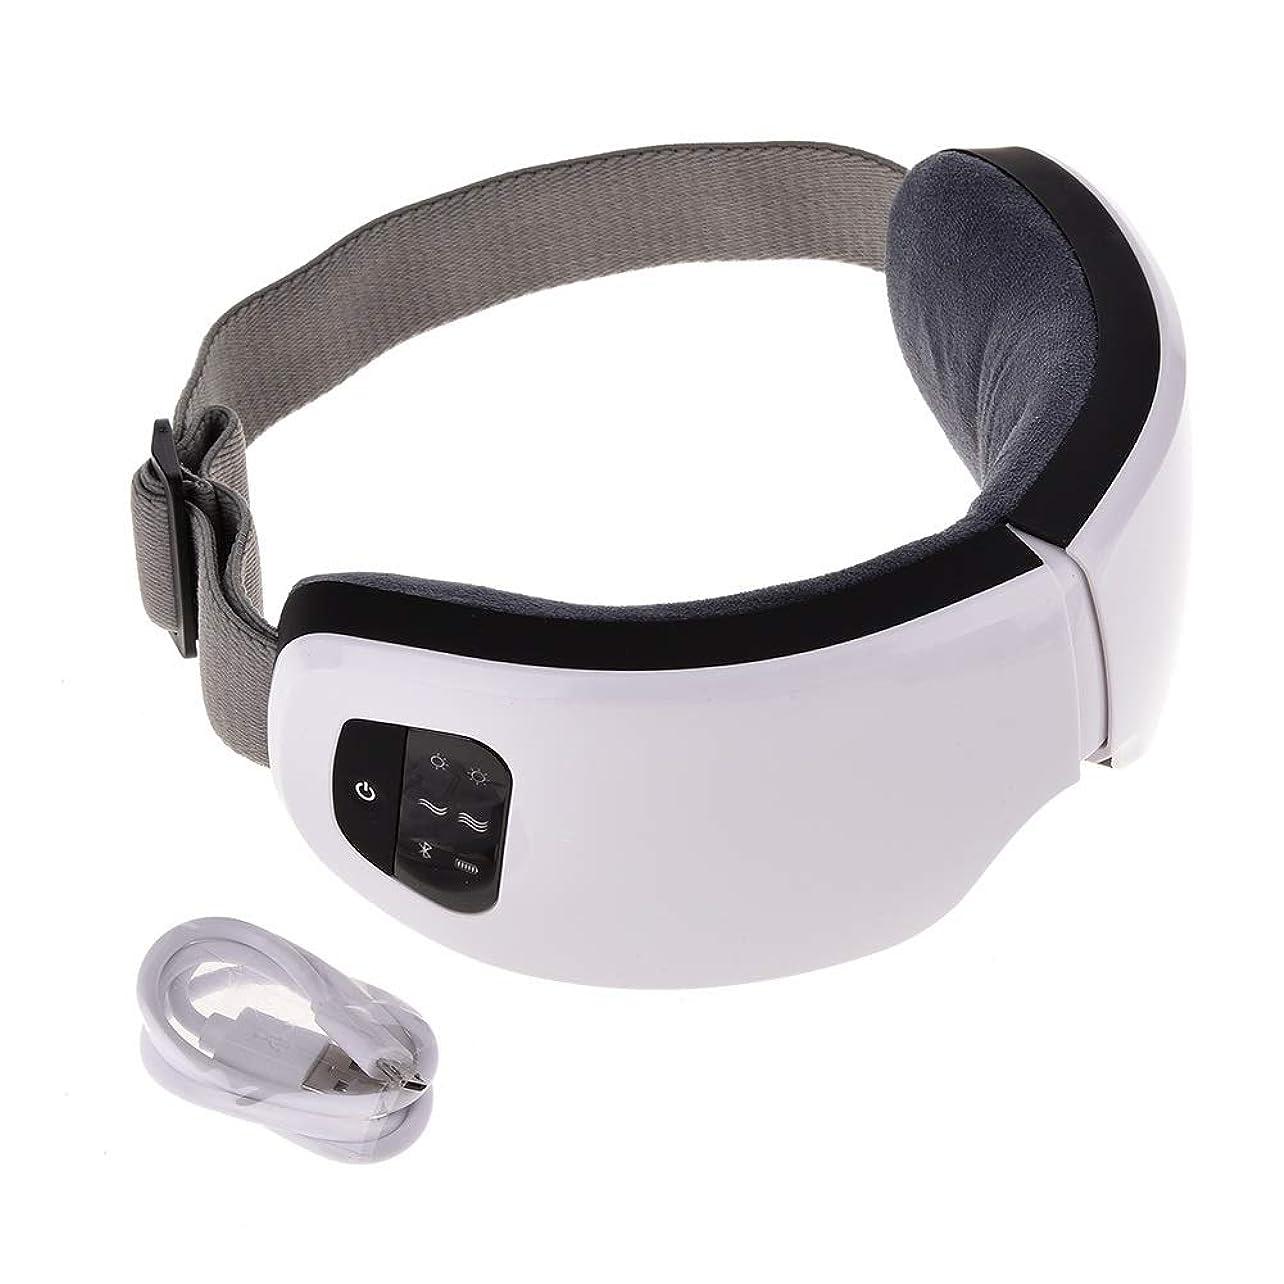 好奇心盛フォーカスライバルMeet now ファッションアイマッサージャー、電気マッサージ器具、高度な音楽振動アイプロテクター 品質保証